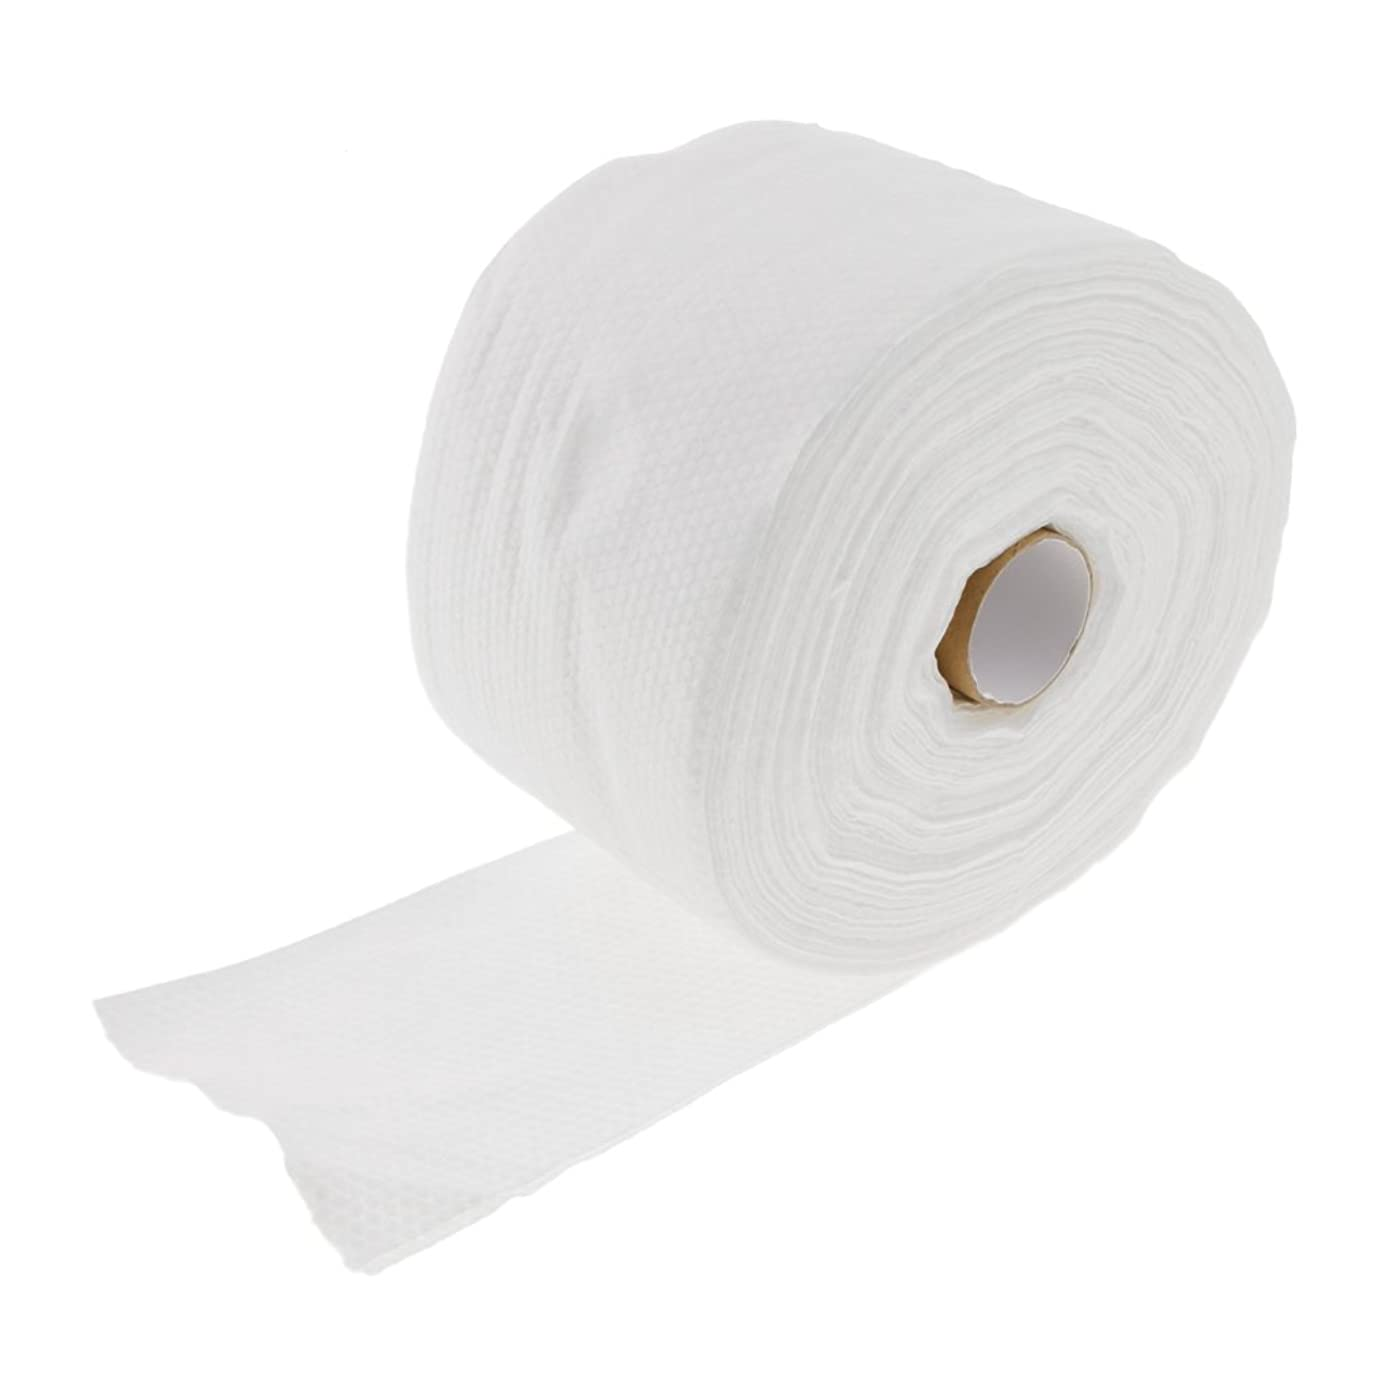 流星明日ハロウィンKesoto ロール式 使い捨て 洗顔タオル 使い捨てタオル 30M コットン 繊維 メイクリムーバー 2タイプ選べる - #2